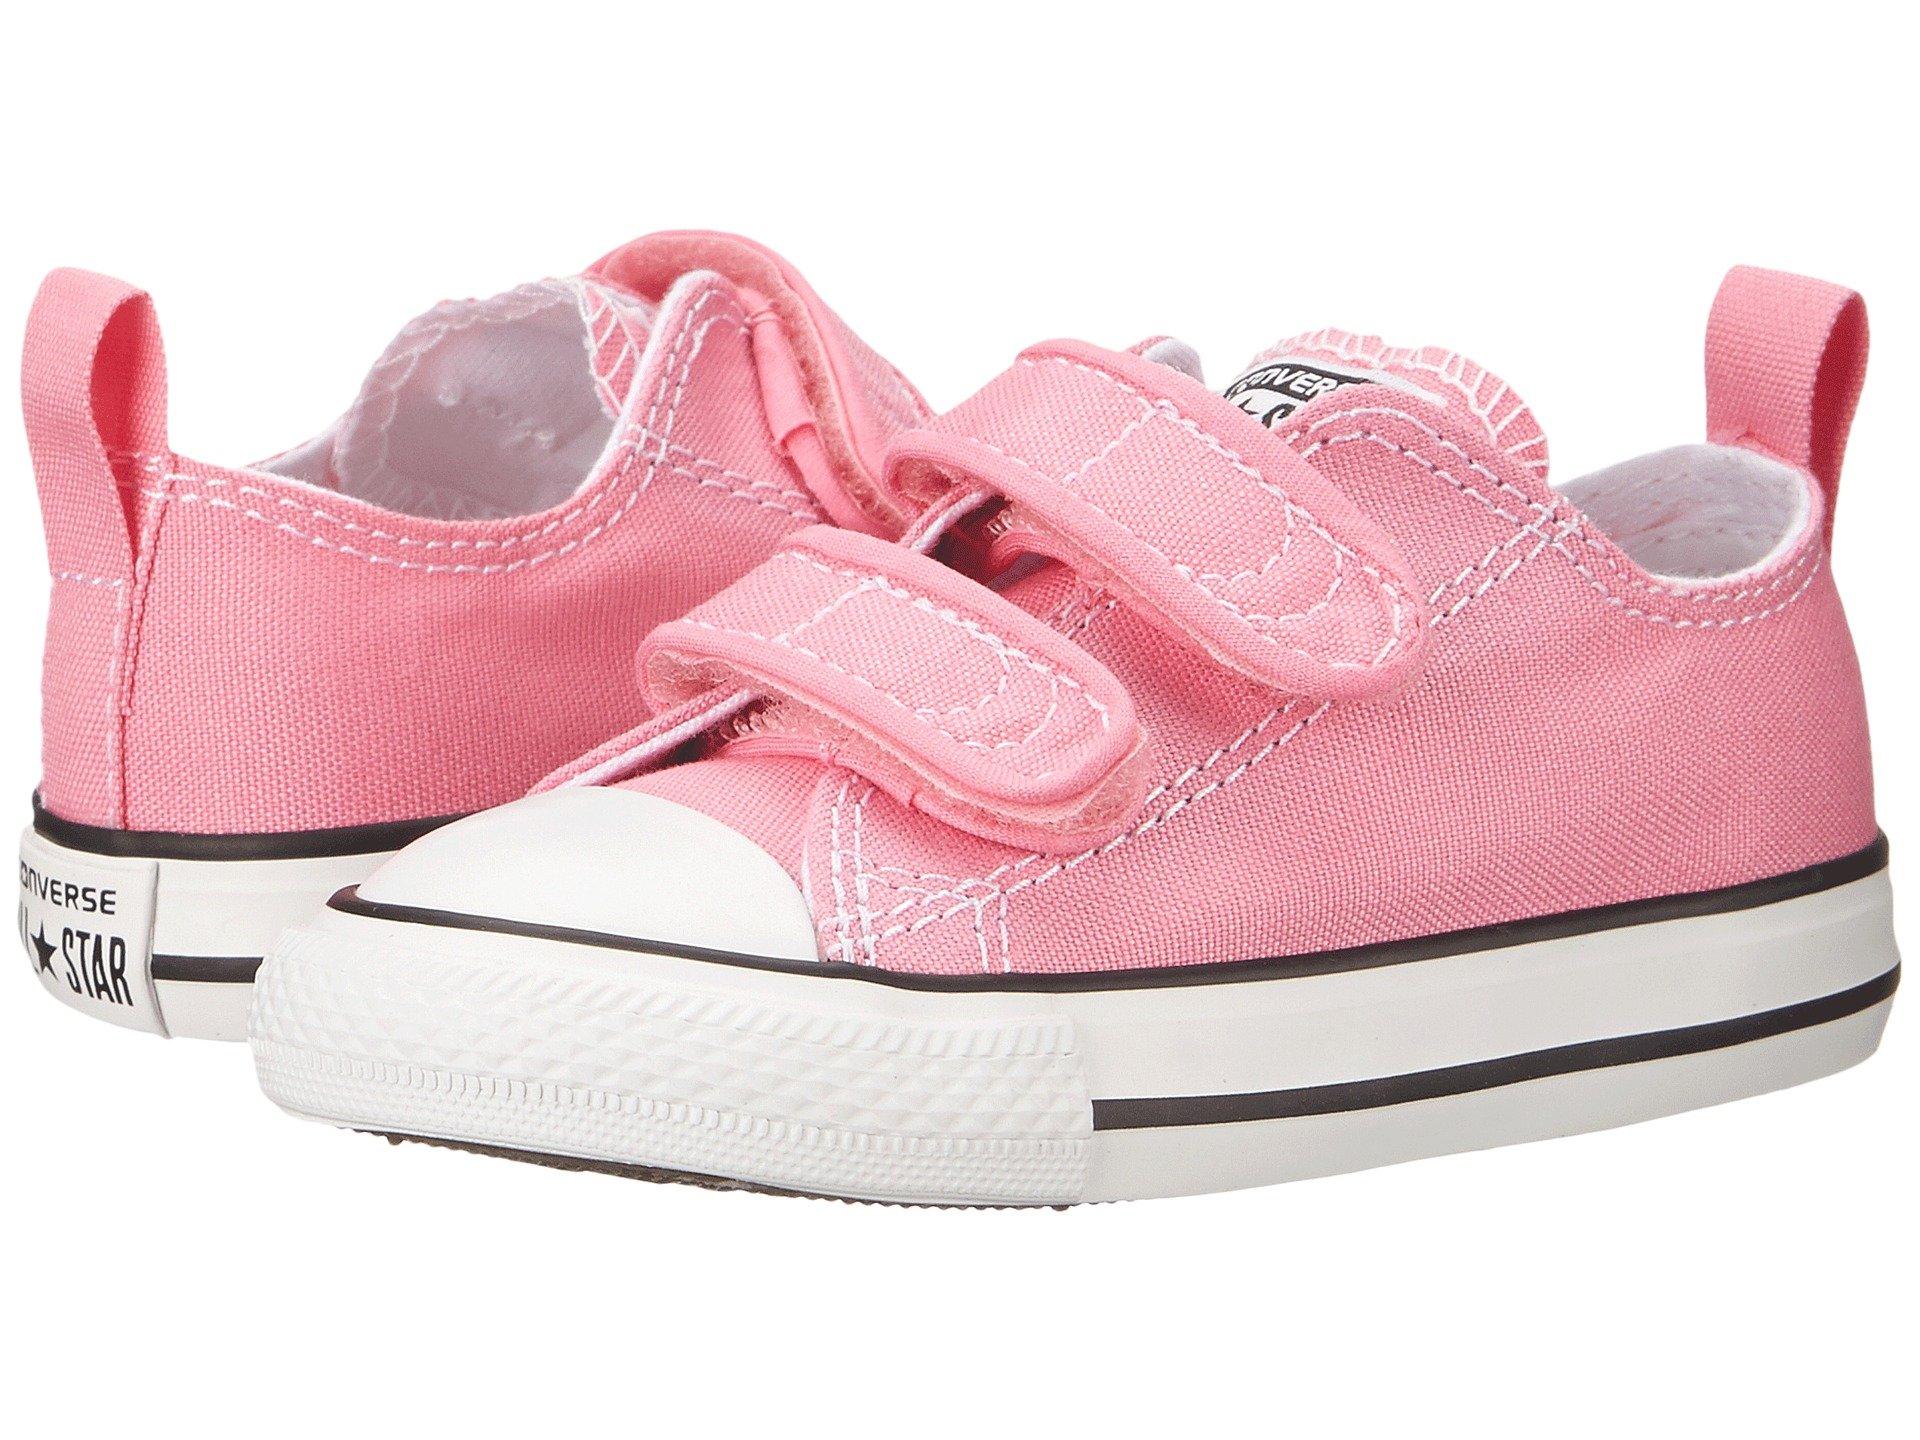 Converse Kids' Chuck Taylor 2v Ox (Infant/Toddler) (4 M US Toddler, 2V-Pink)